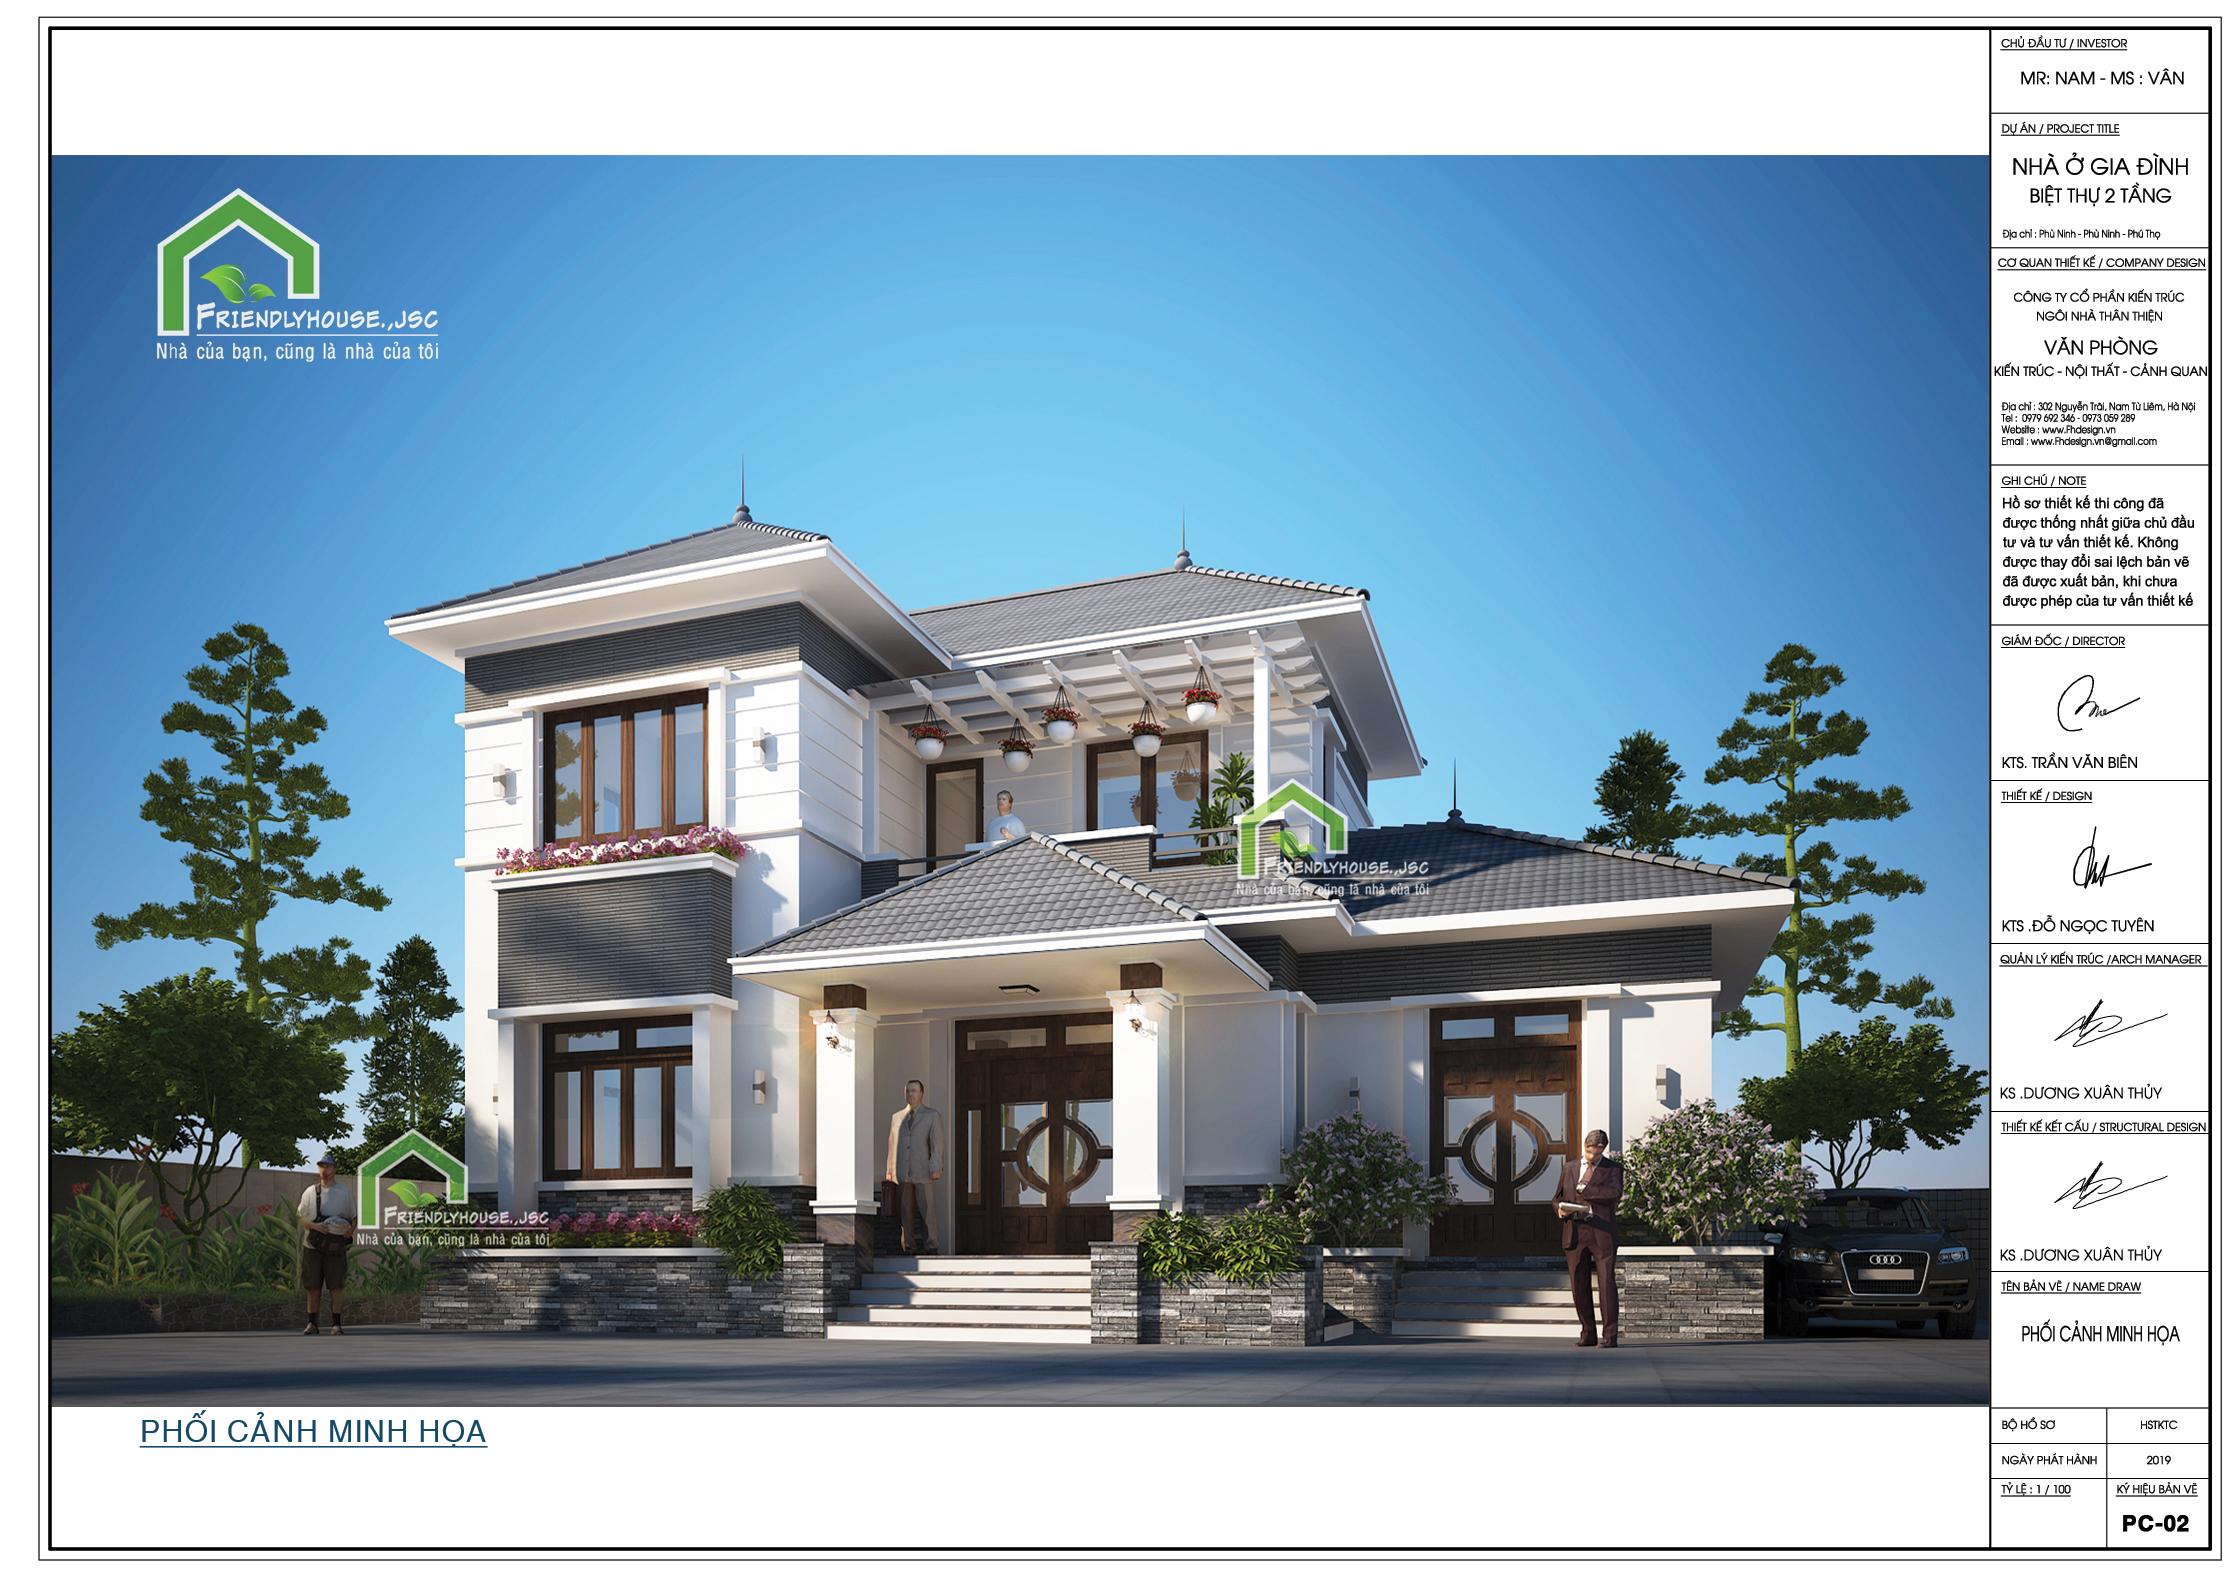 thiết kế Biệt Thự 2 tầng tại Phú Thọ Thiết kế biệt thự 2 tầng tại Phú Thọ 1 1564398697